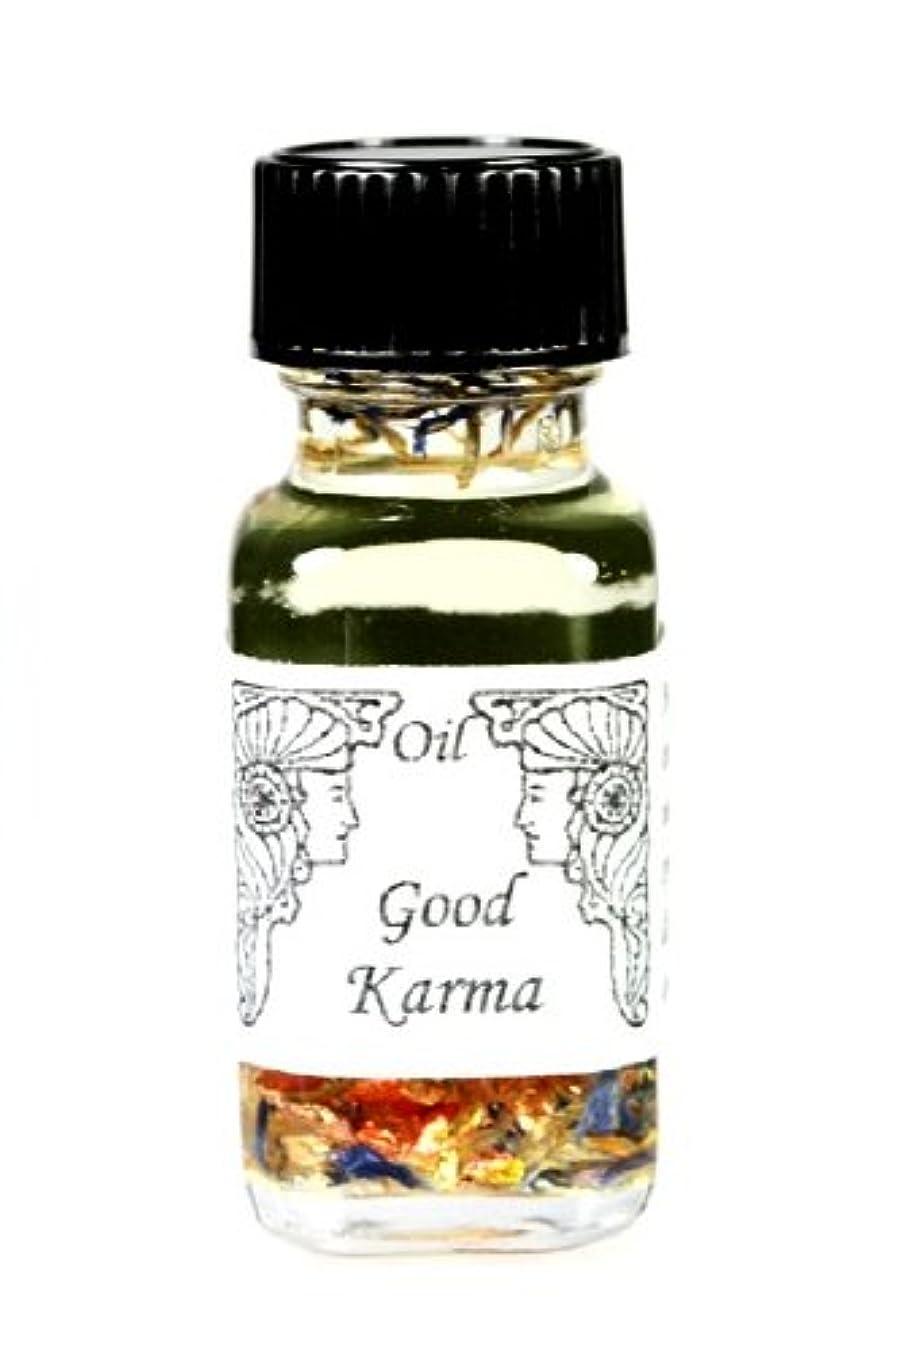 スワップ貢献するクッションアンシェントメモリーオイル Good Karma 【よいカルマを呼ぶ】自分がなれる最高の自分になる